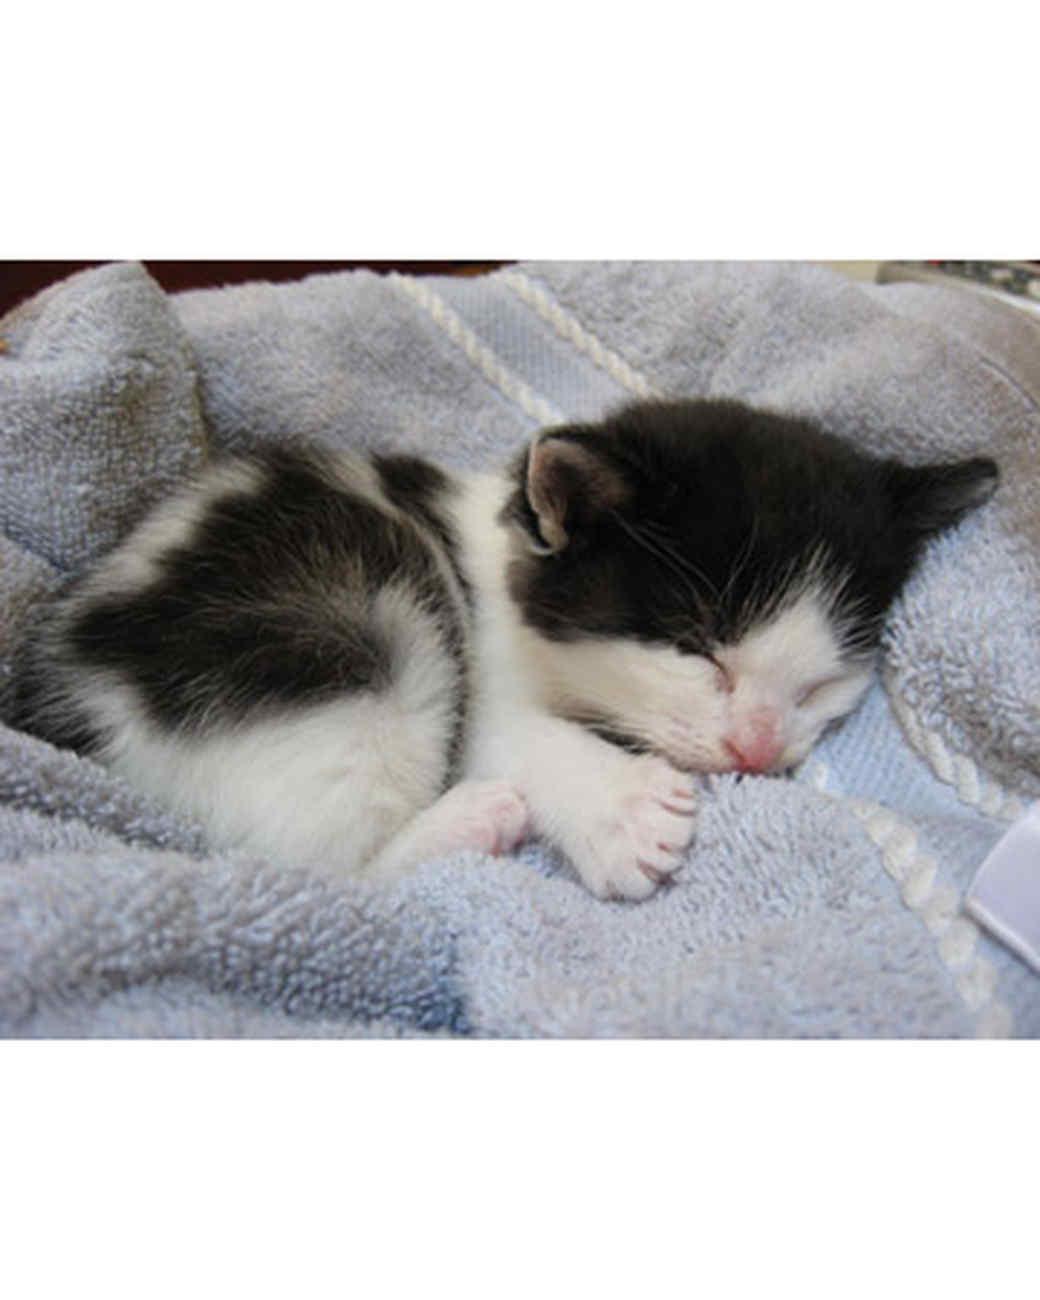 pets_kittens_0610_9665690_23838174.jpg